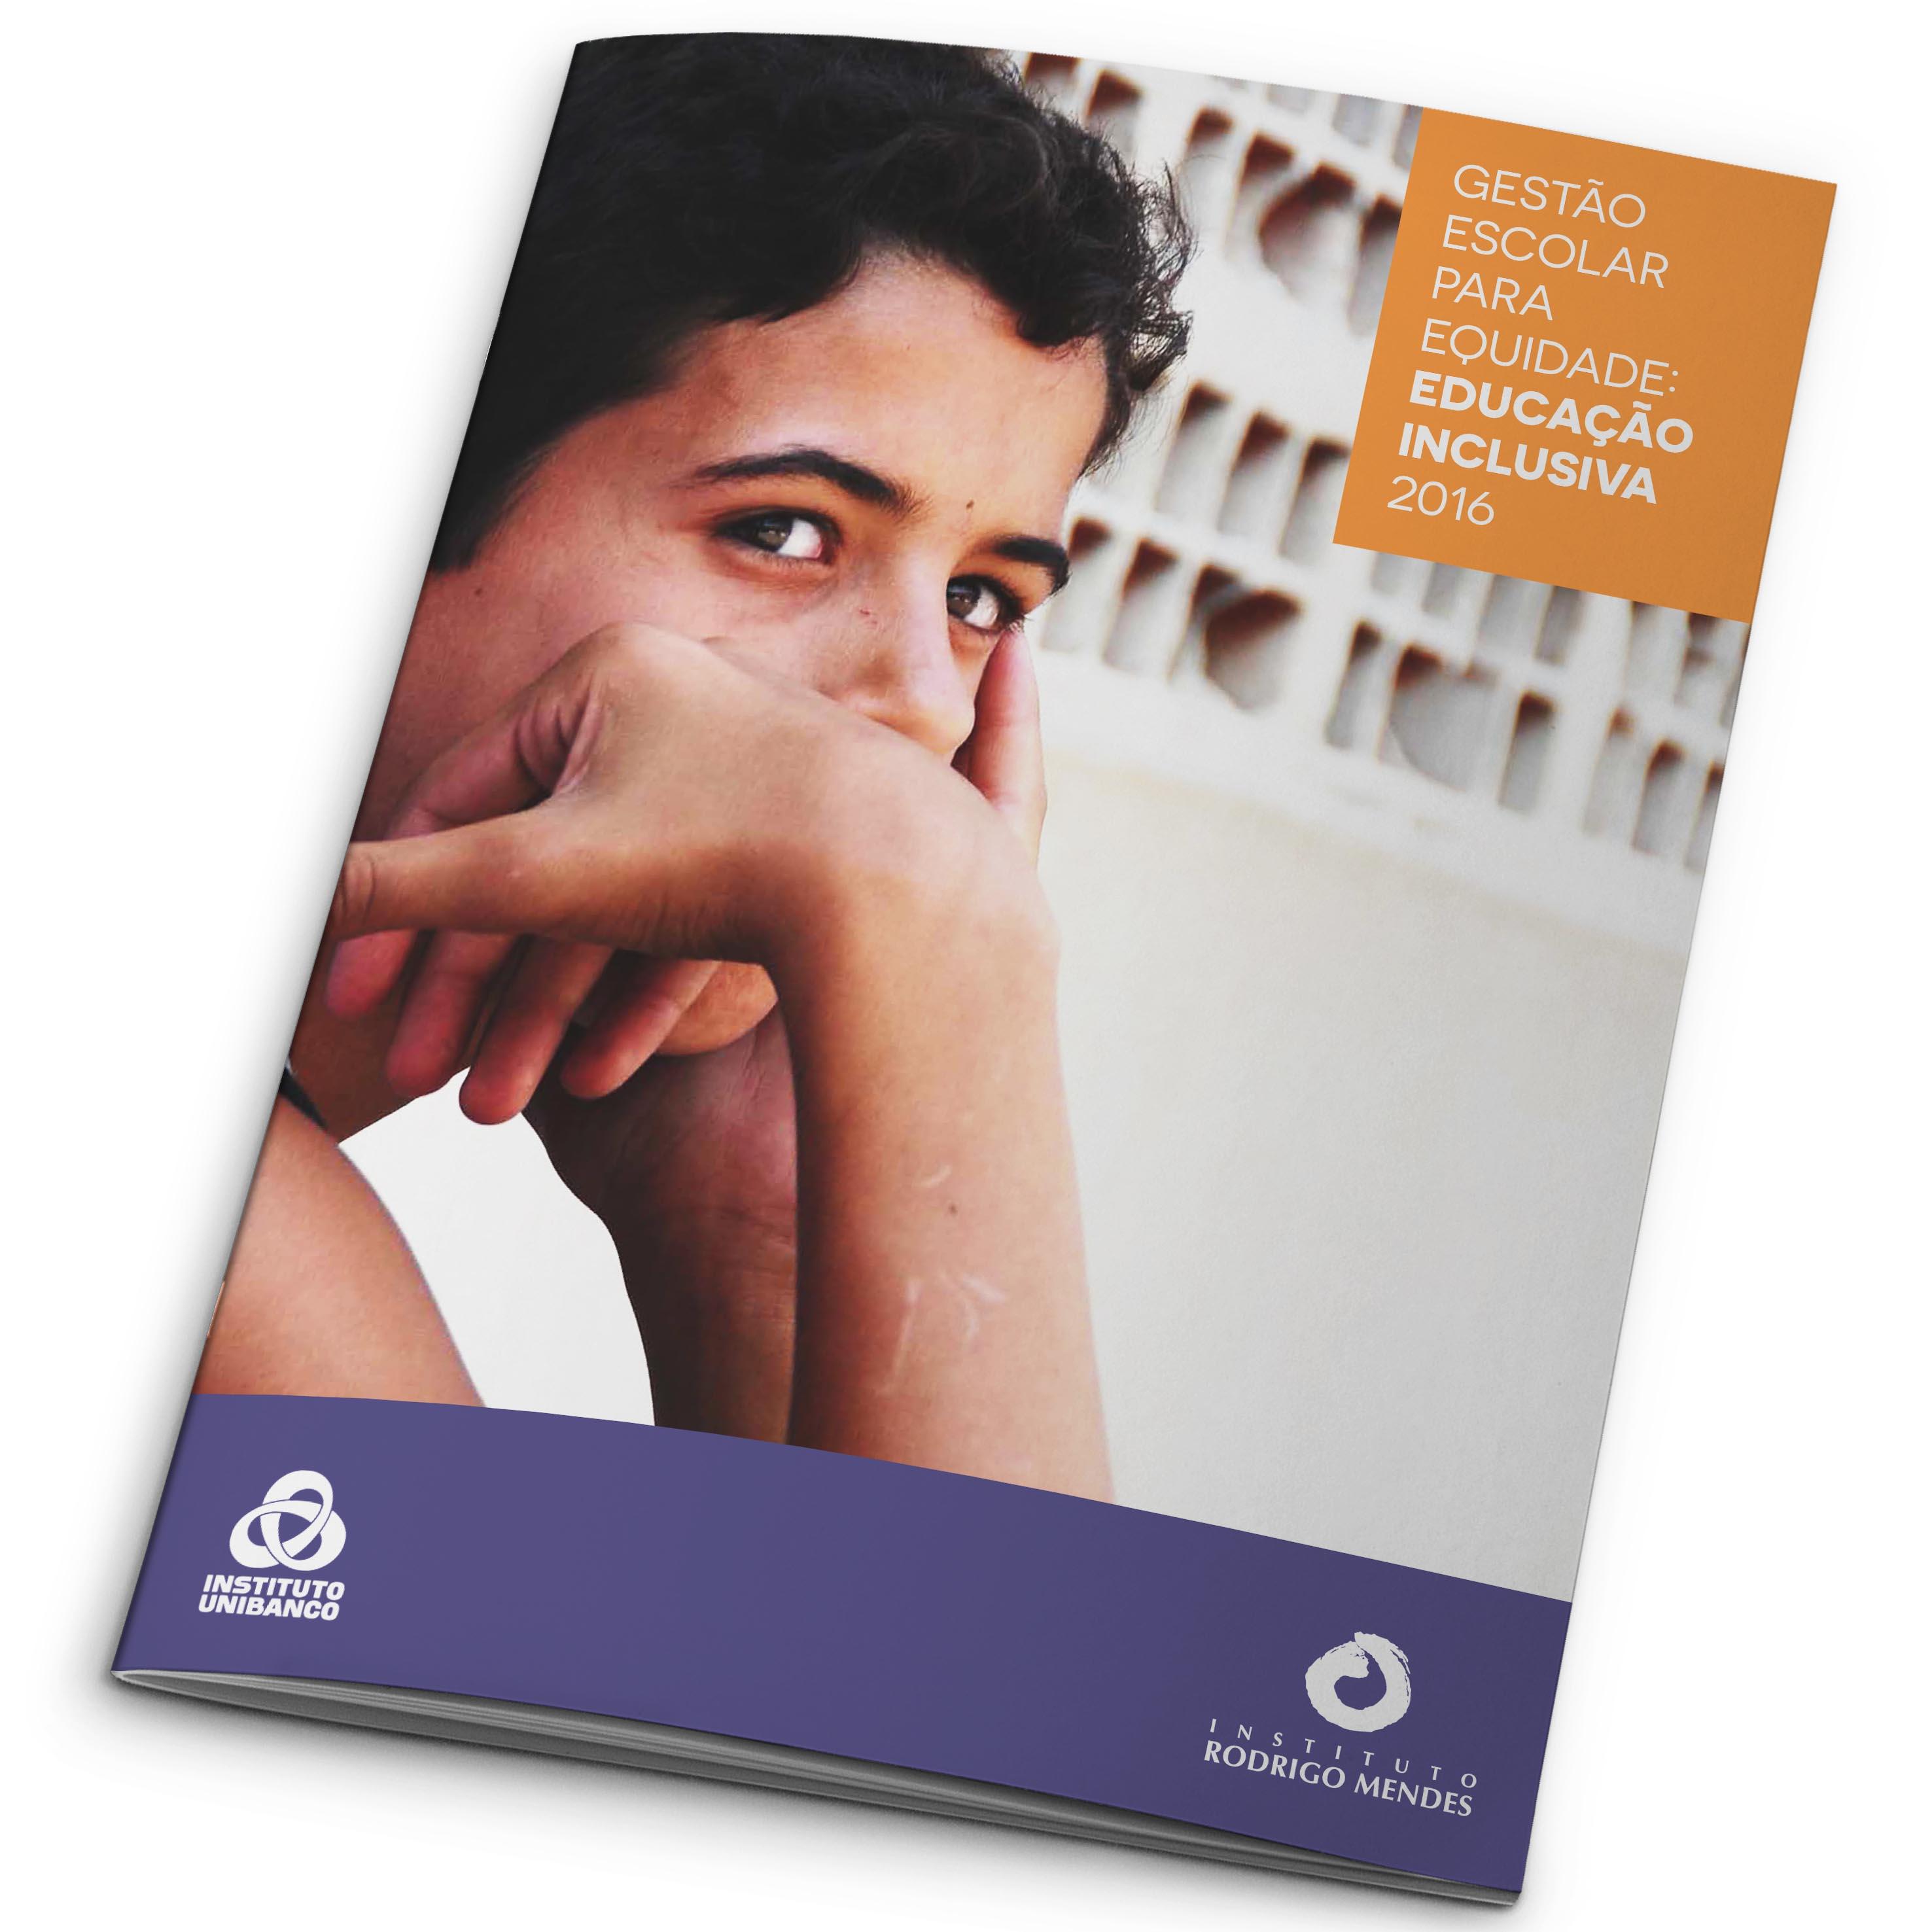 2016 - Livreto Gestão Escolar para Equidade: Educação Inclusiva,   http://bit.ly/2lbvtlQ